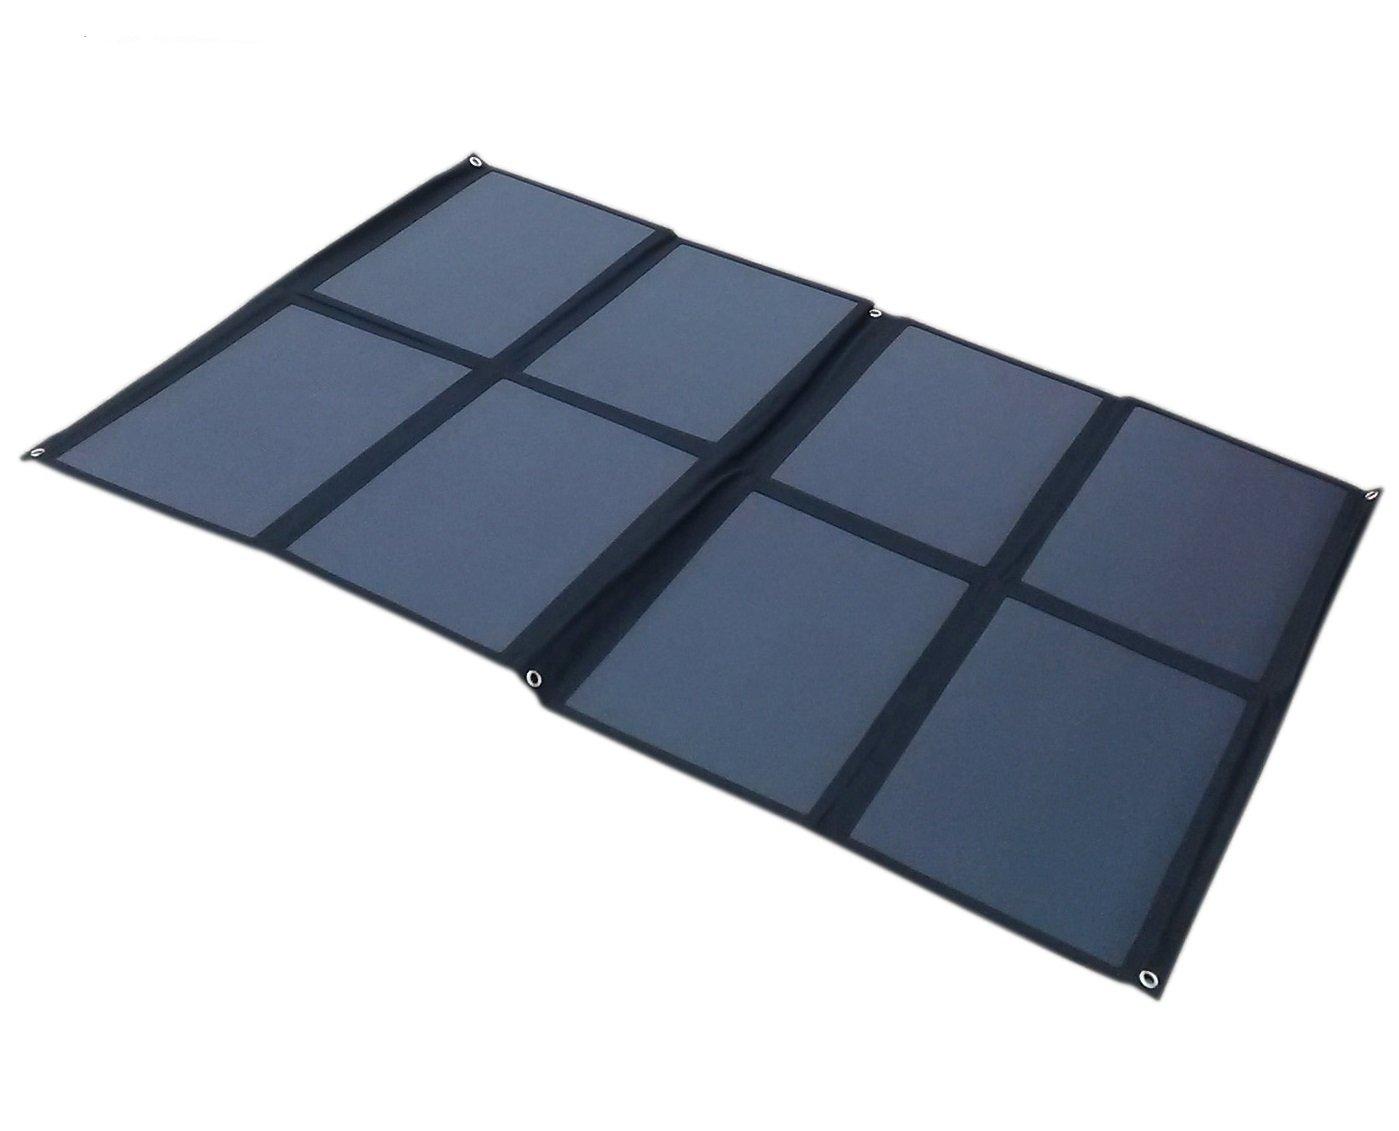 GGX ENERGY SUNPOWER Solar Cell Portable Solar Panel 160W Folding Solar Charging Kit for Camper Caravan Boat 12V Battery or 12V Solar System (black) by GGX ENERGY